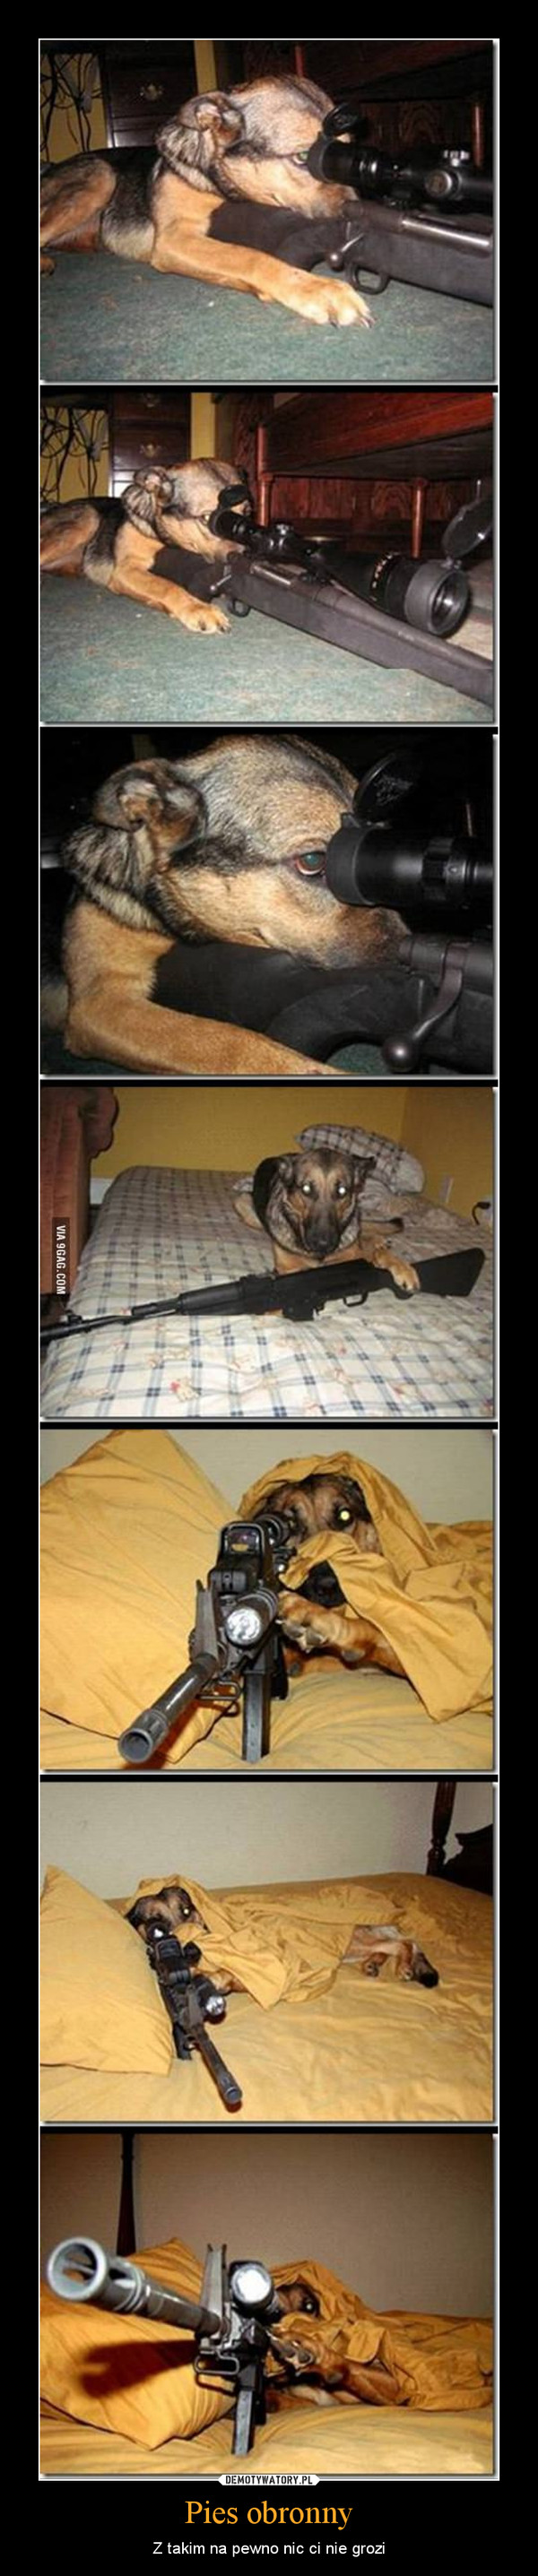 Pies obronny – Z takim na pewno nic ci nie grozi